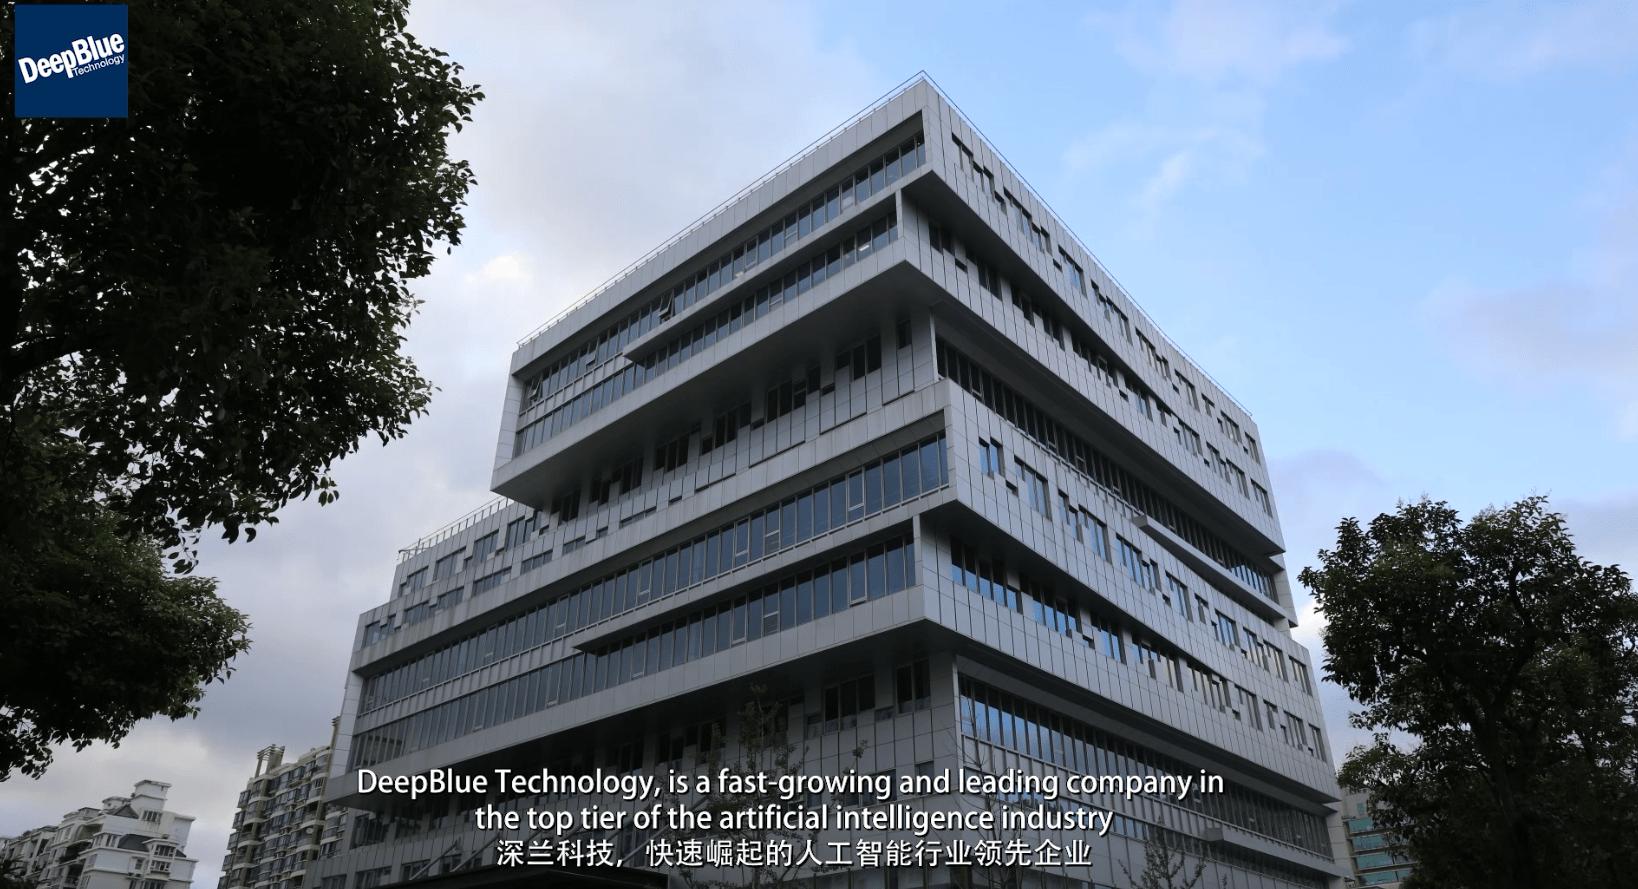 交大人工智能中心-深兰科技企业介绍